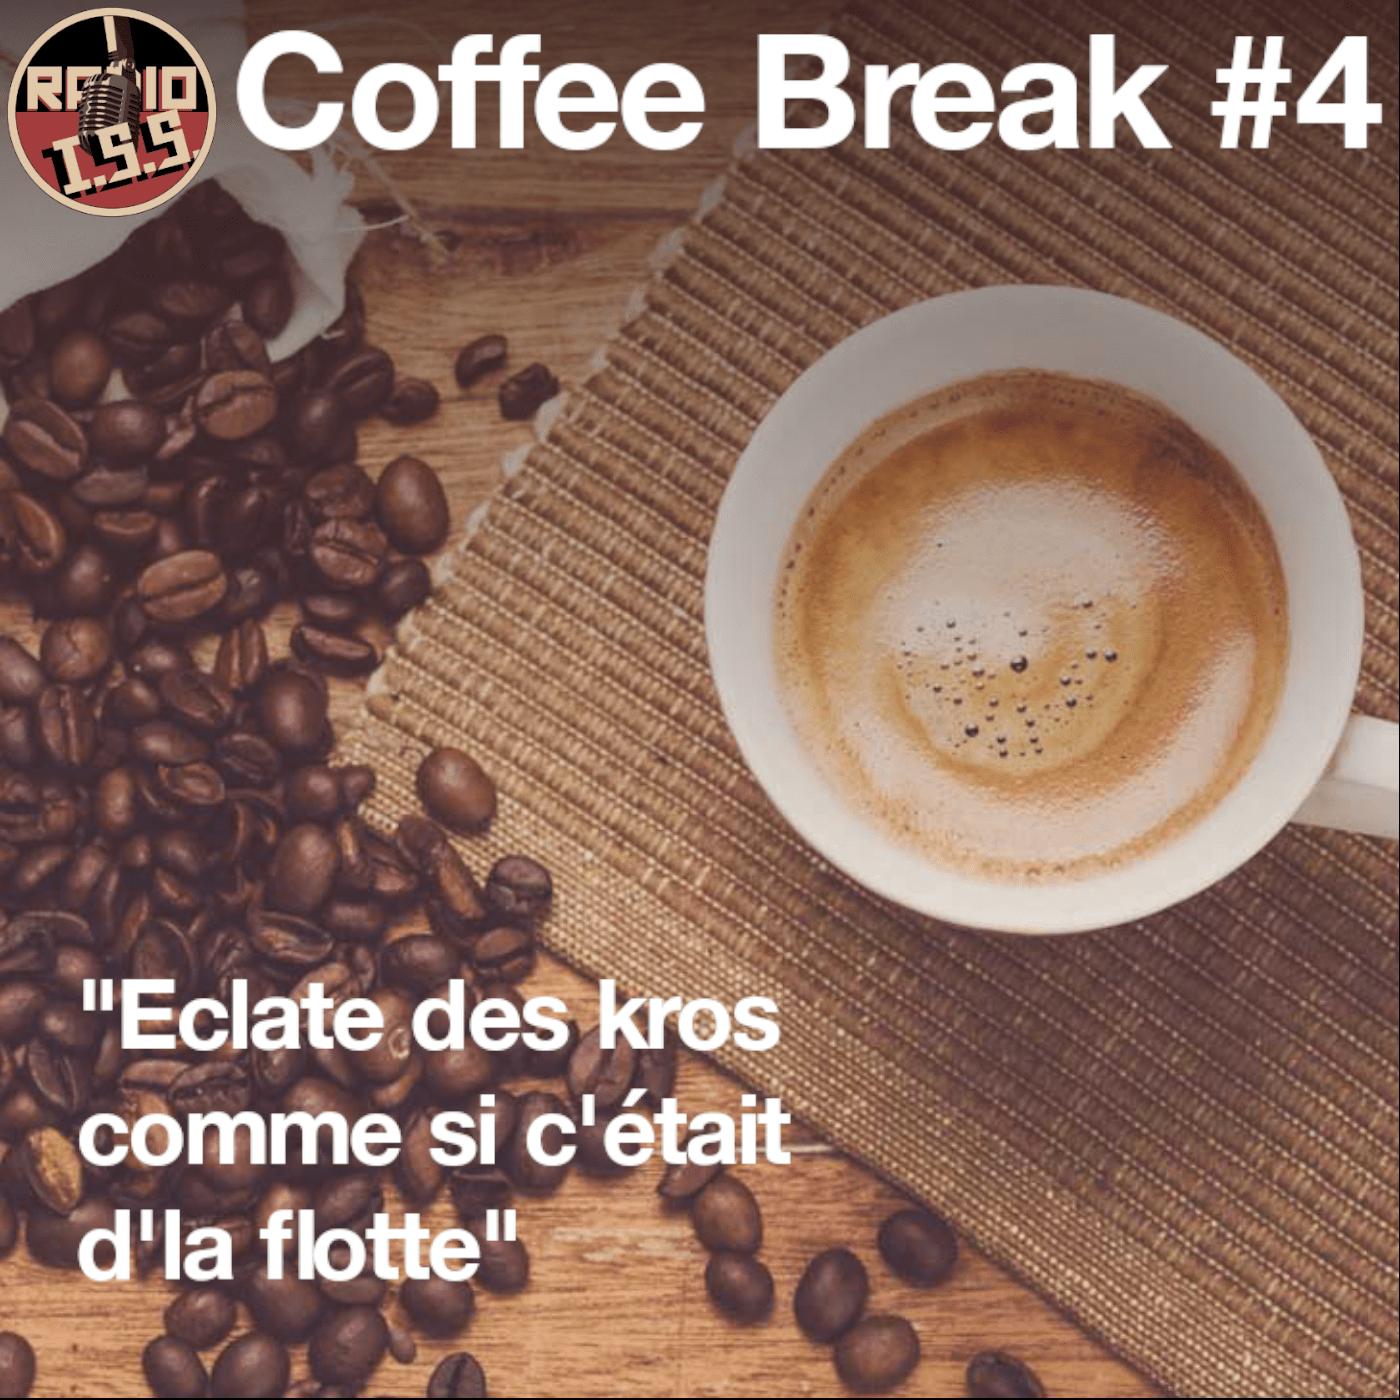 """Coffee Break #4 : """"Eclate des kros comme si c'était d'la flotte"""""""